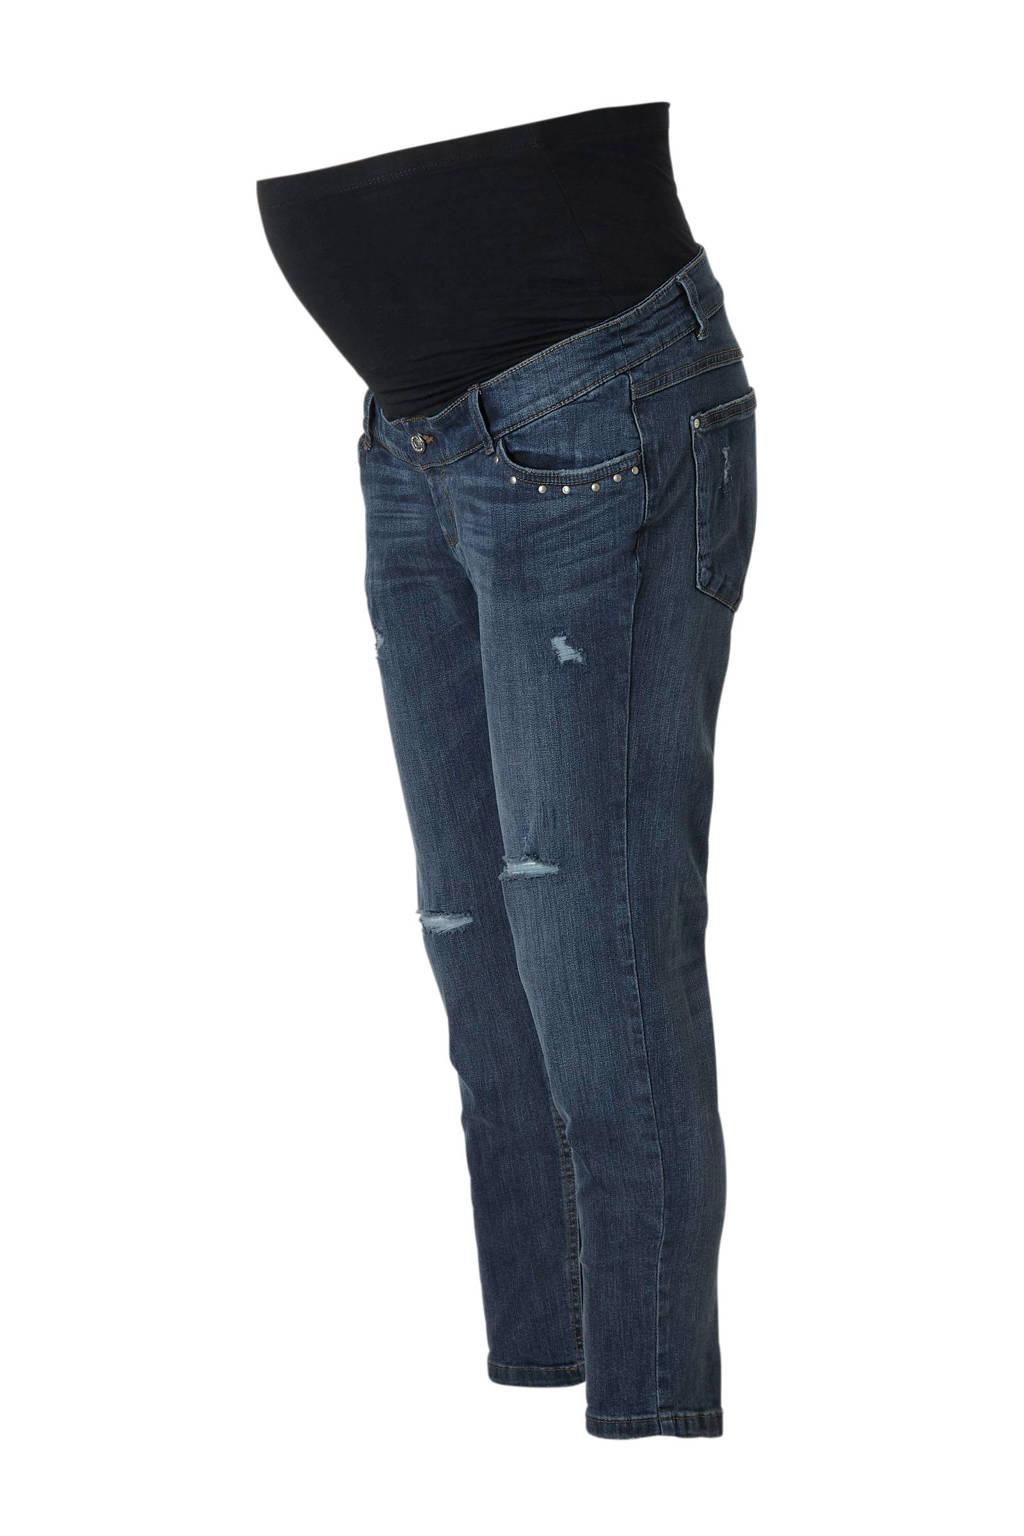 C&A The Denim straight fit zwangerschapsjeans met slijtage details, Dark denim